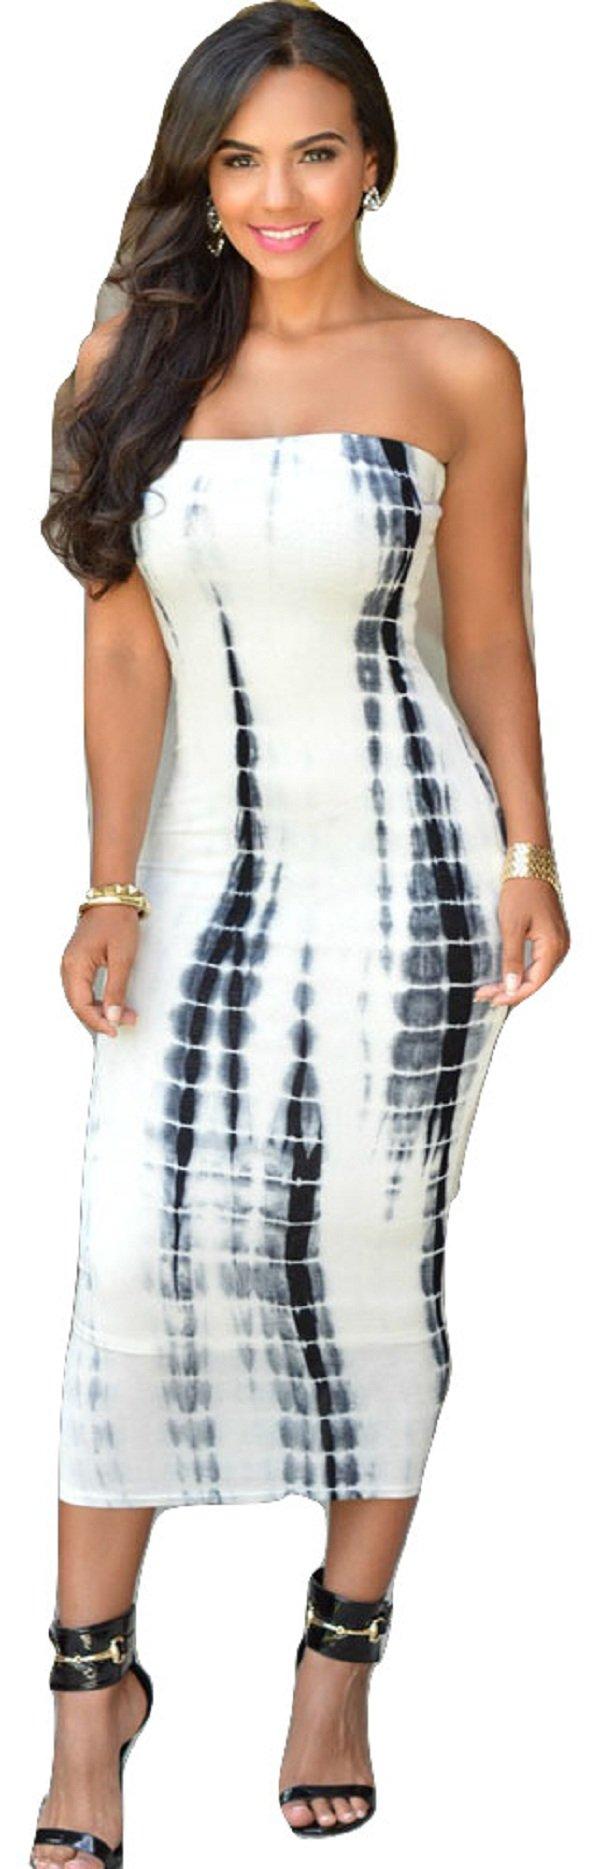 Da donna, colore: Bianco & nero Tie Dye strapless Tube MIDI Dress Club Wear party ufficio festival